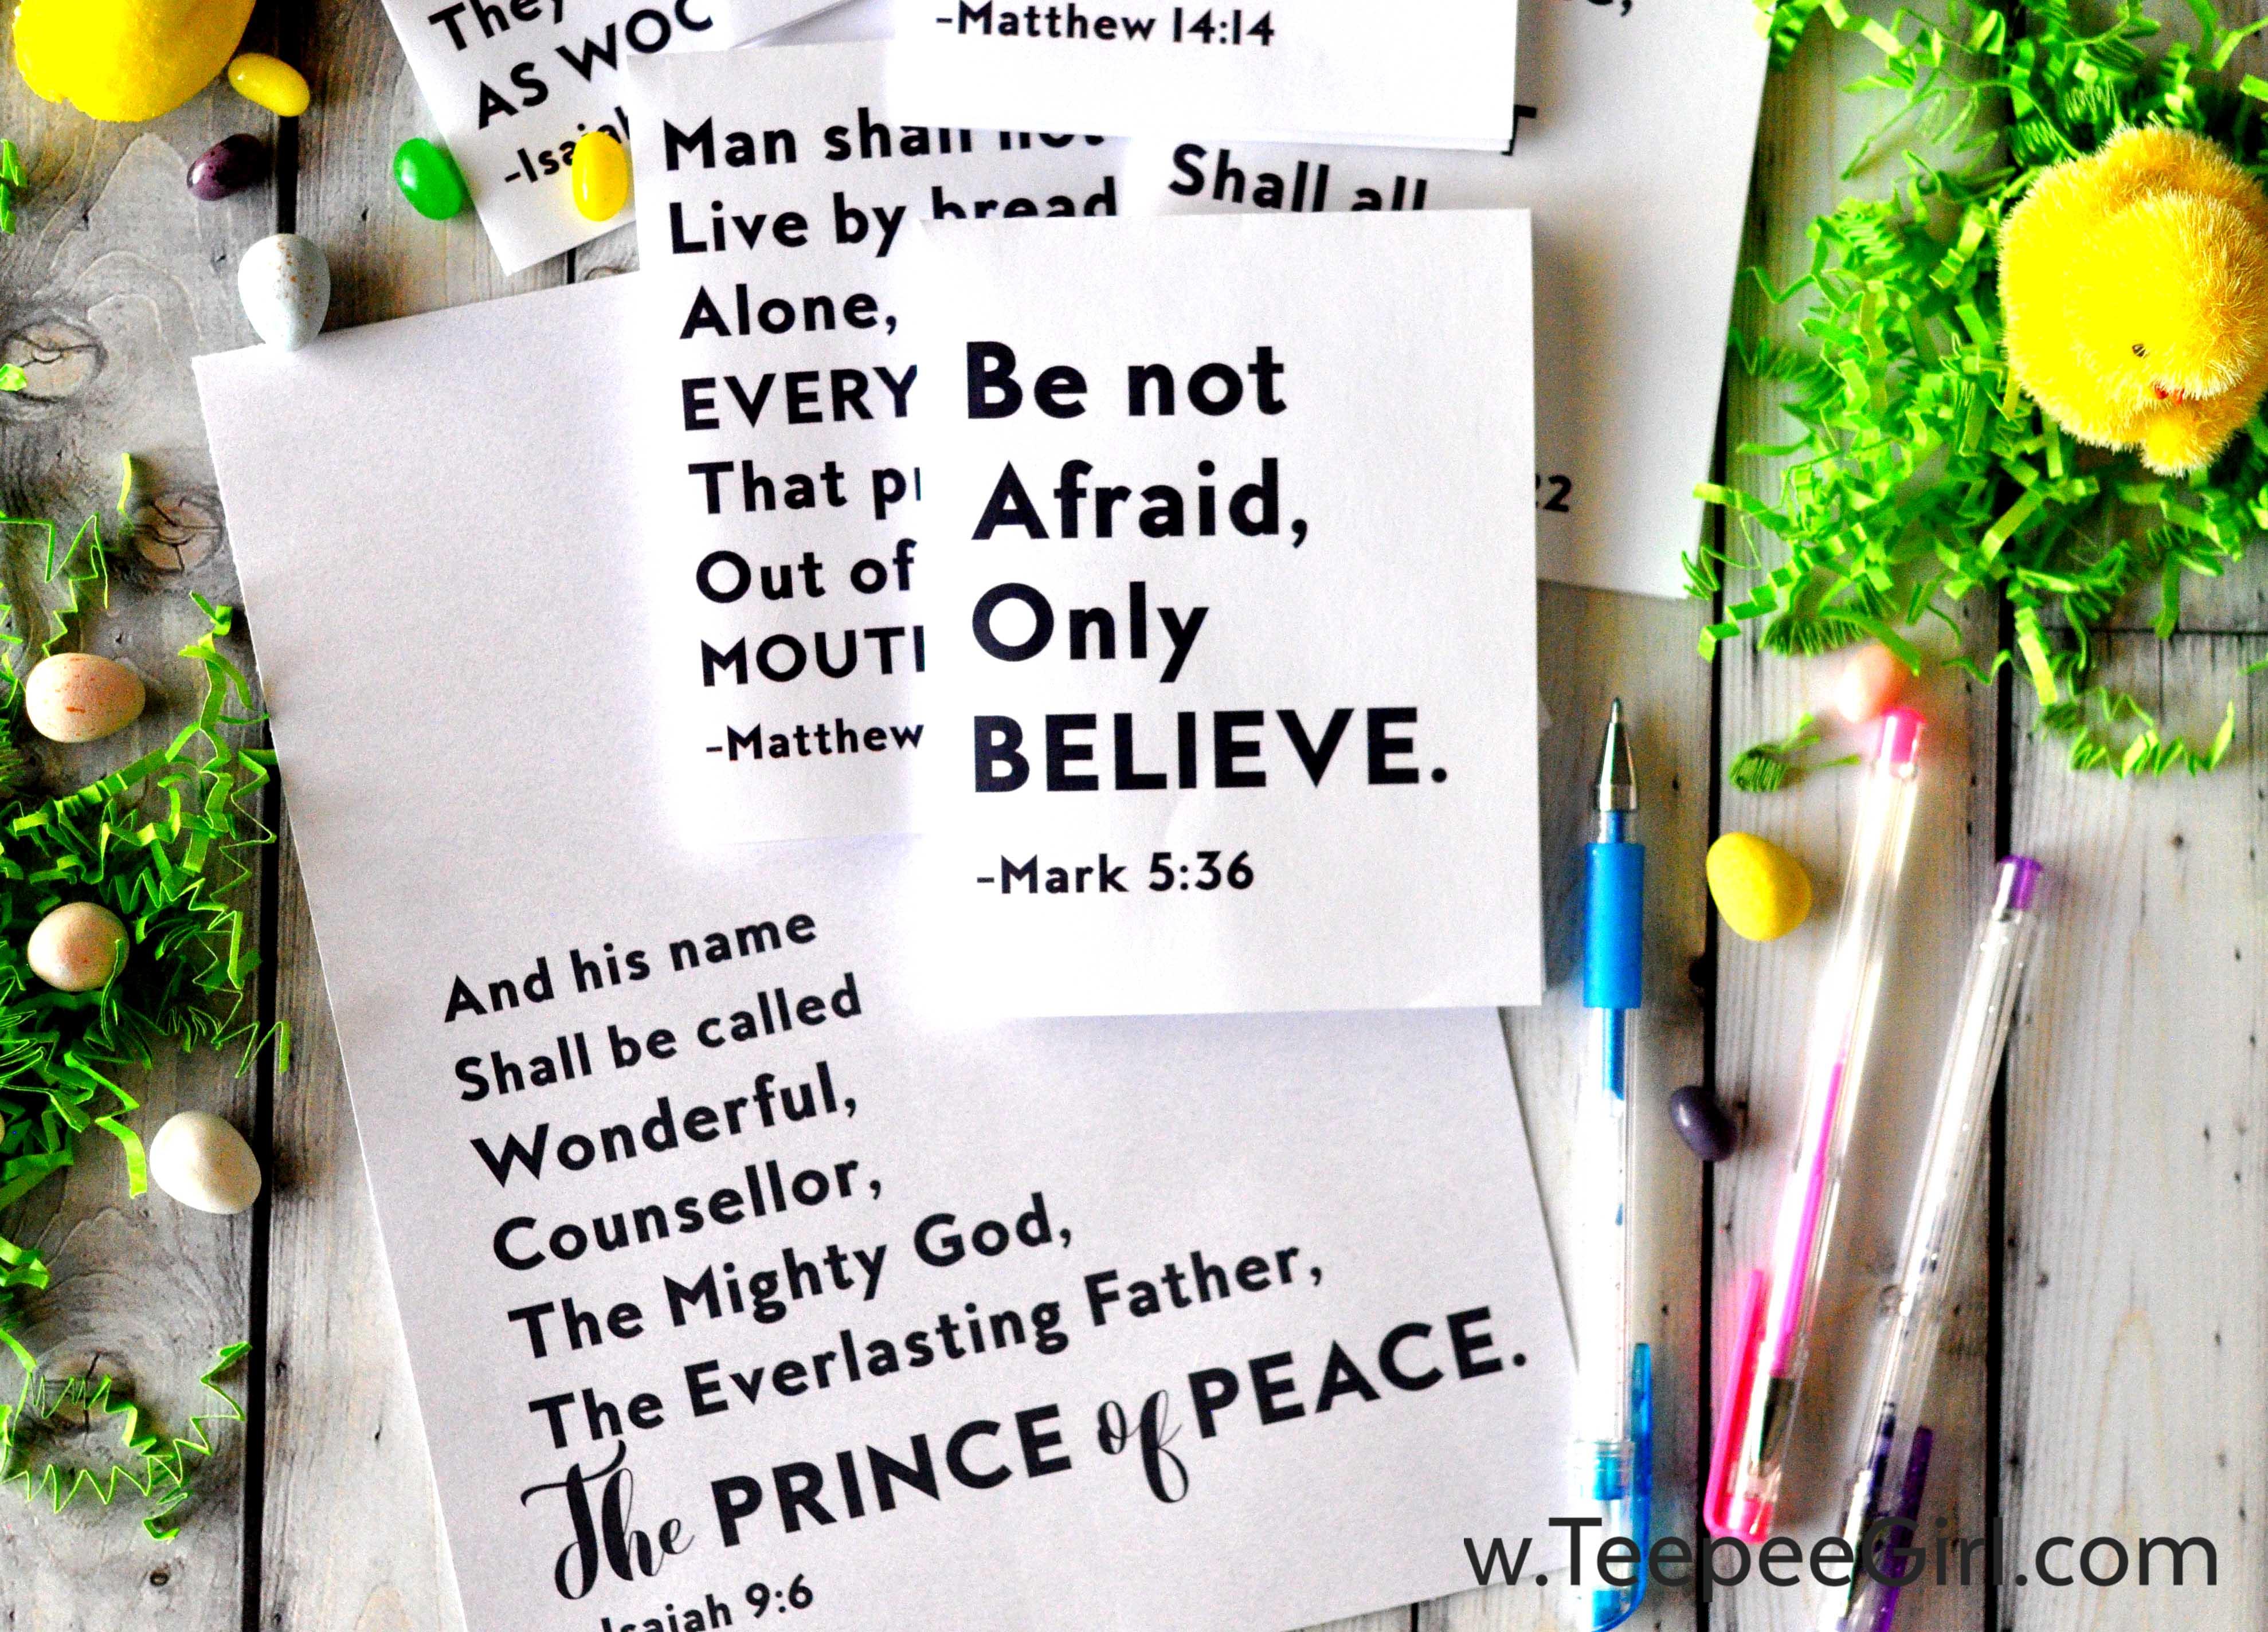 #PRINCEofPEACE Printable & Study Guides